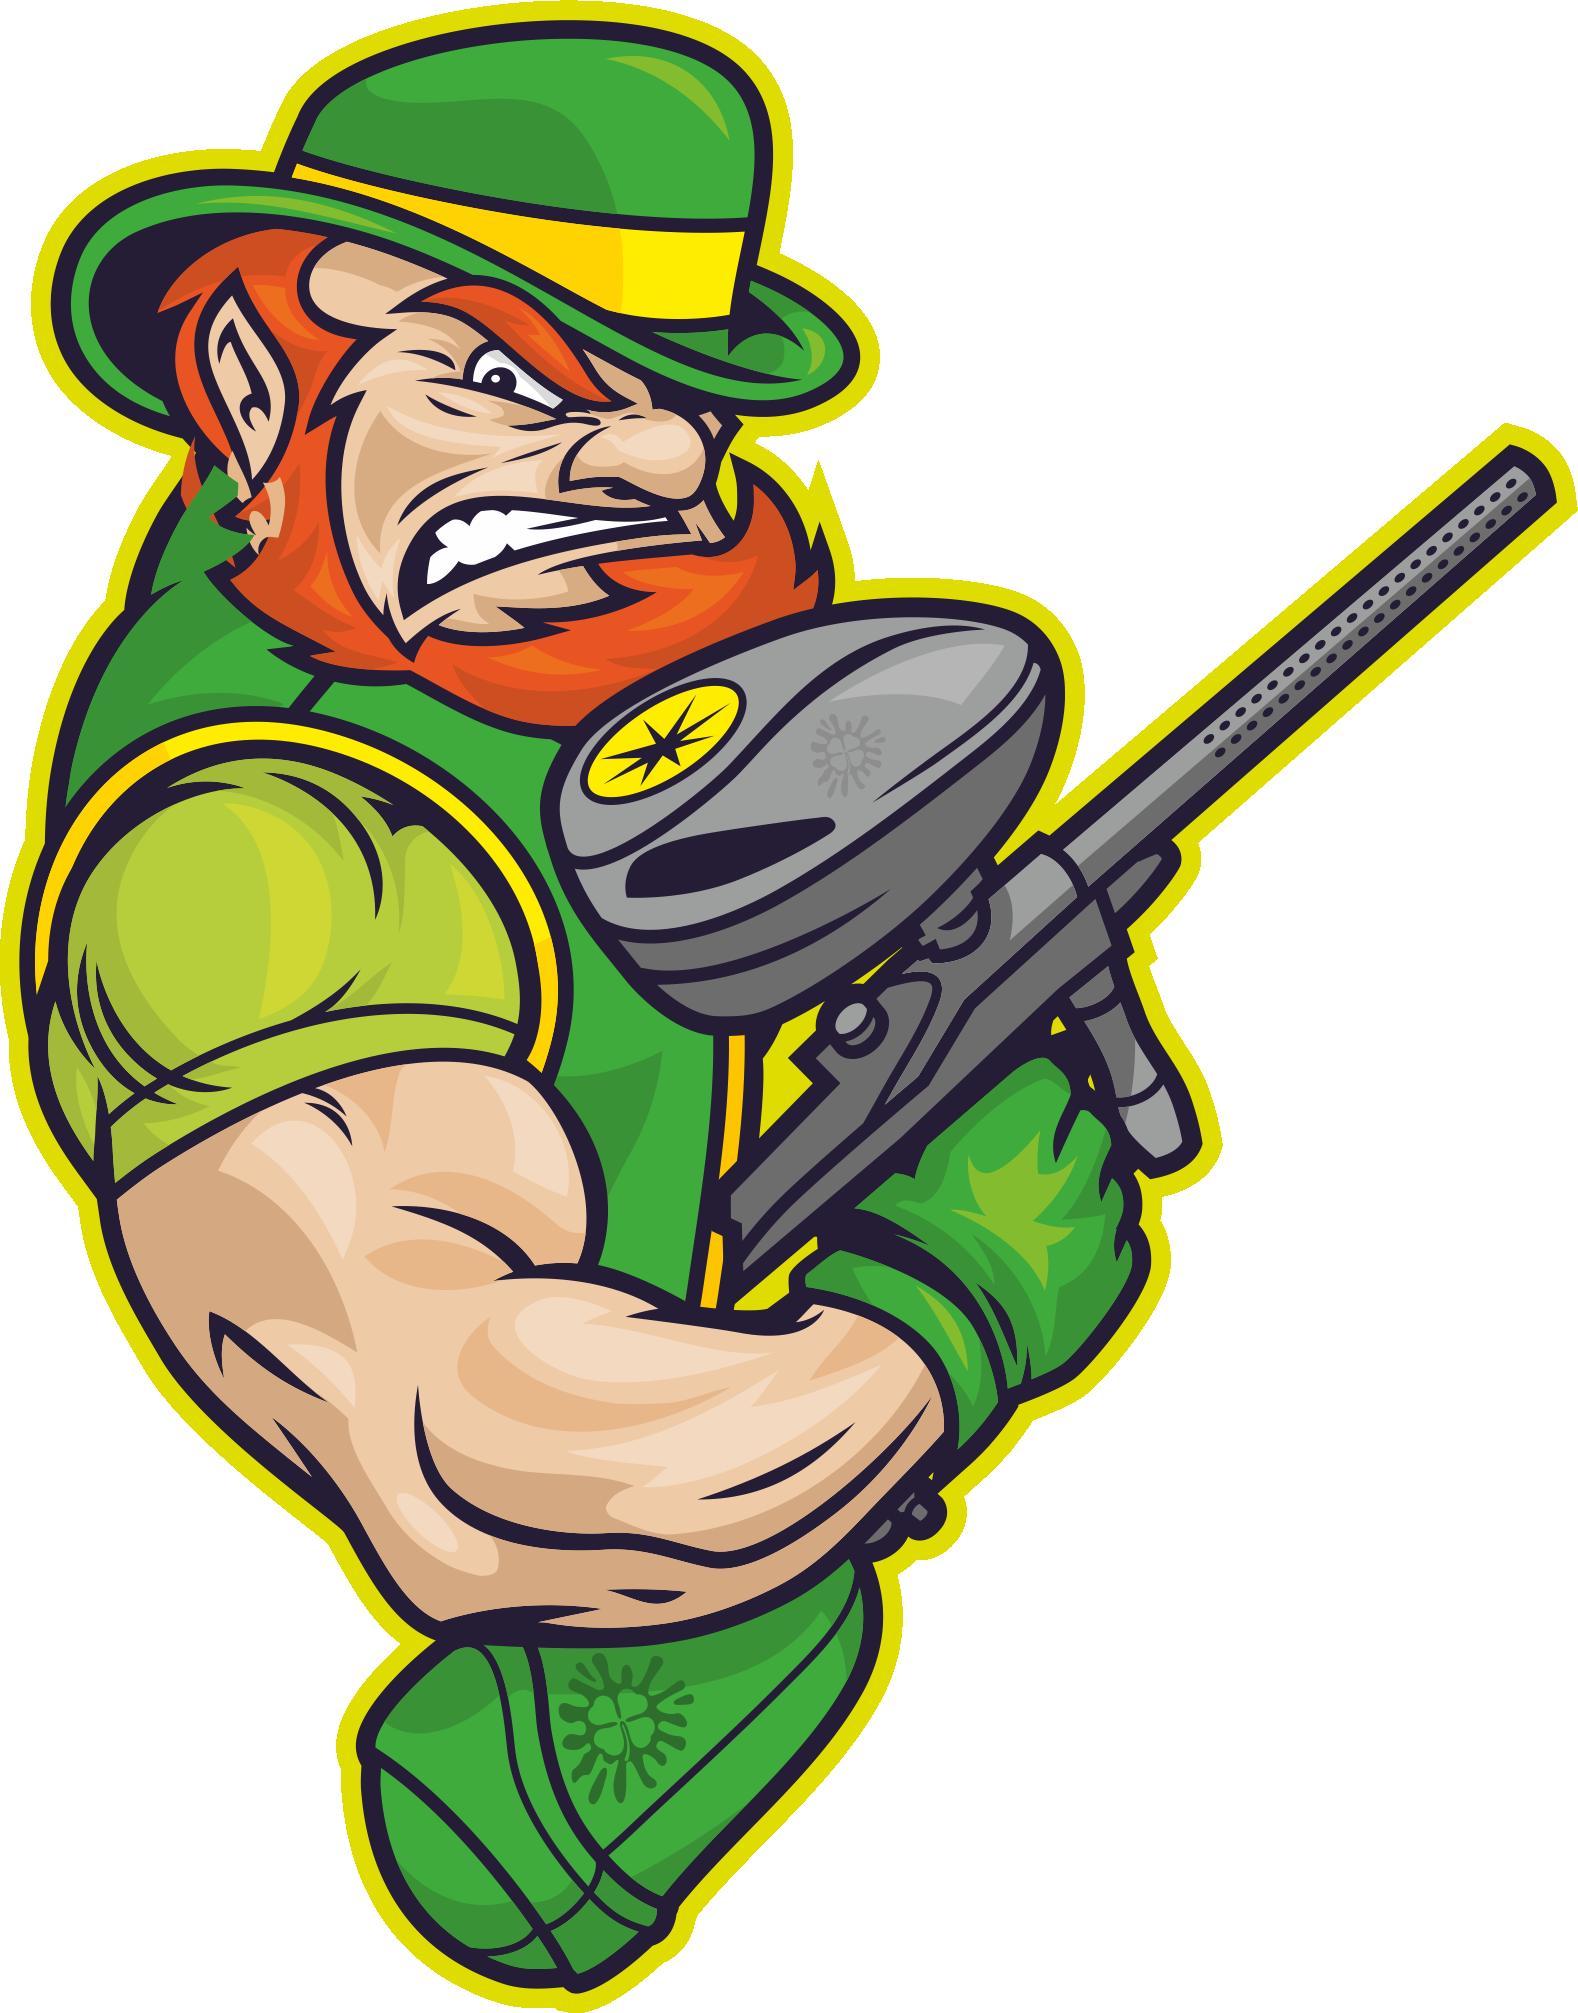 Лепрекон с маркером - символ пейнтбольной Команды Ирландцы